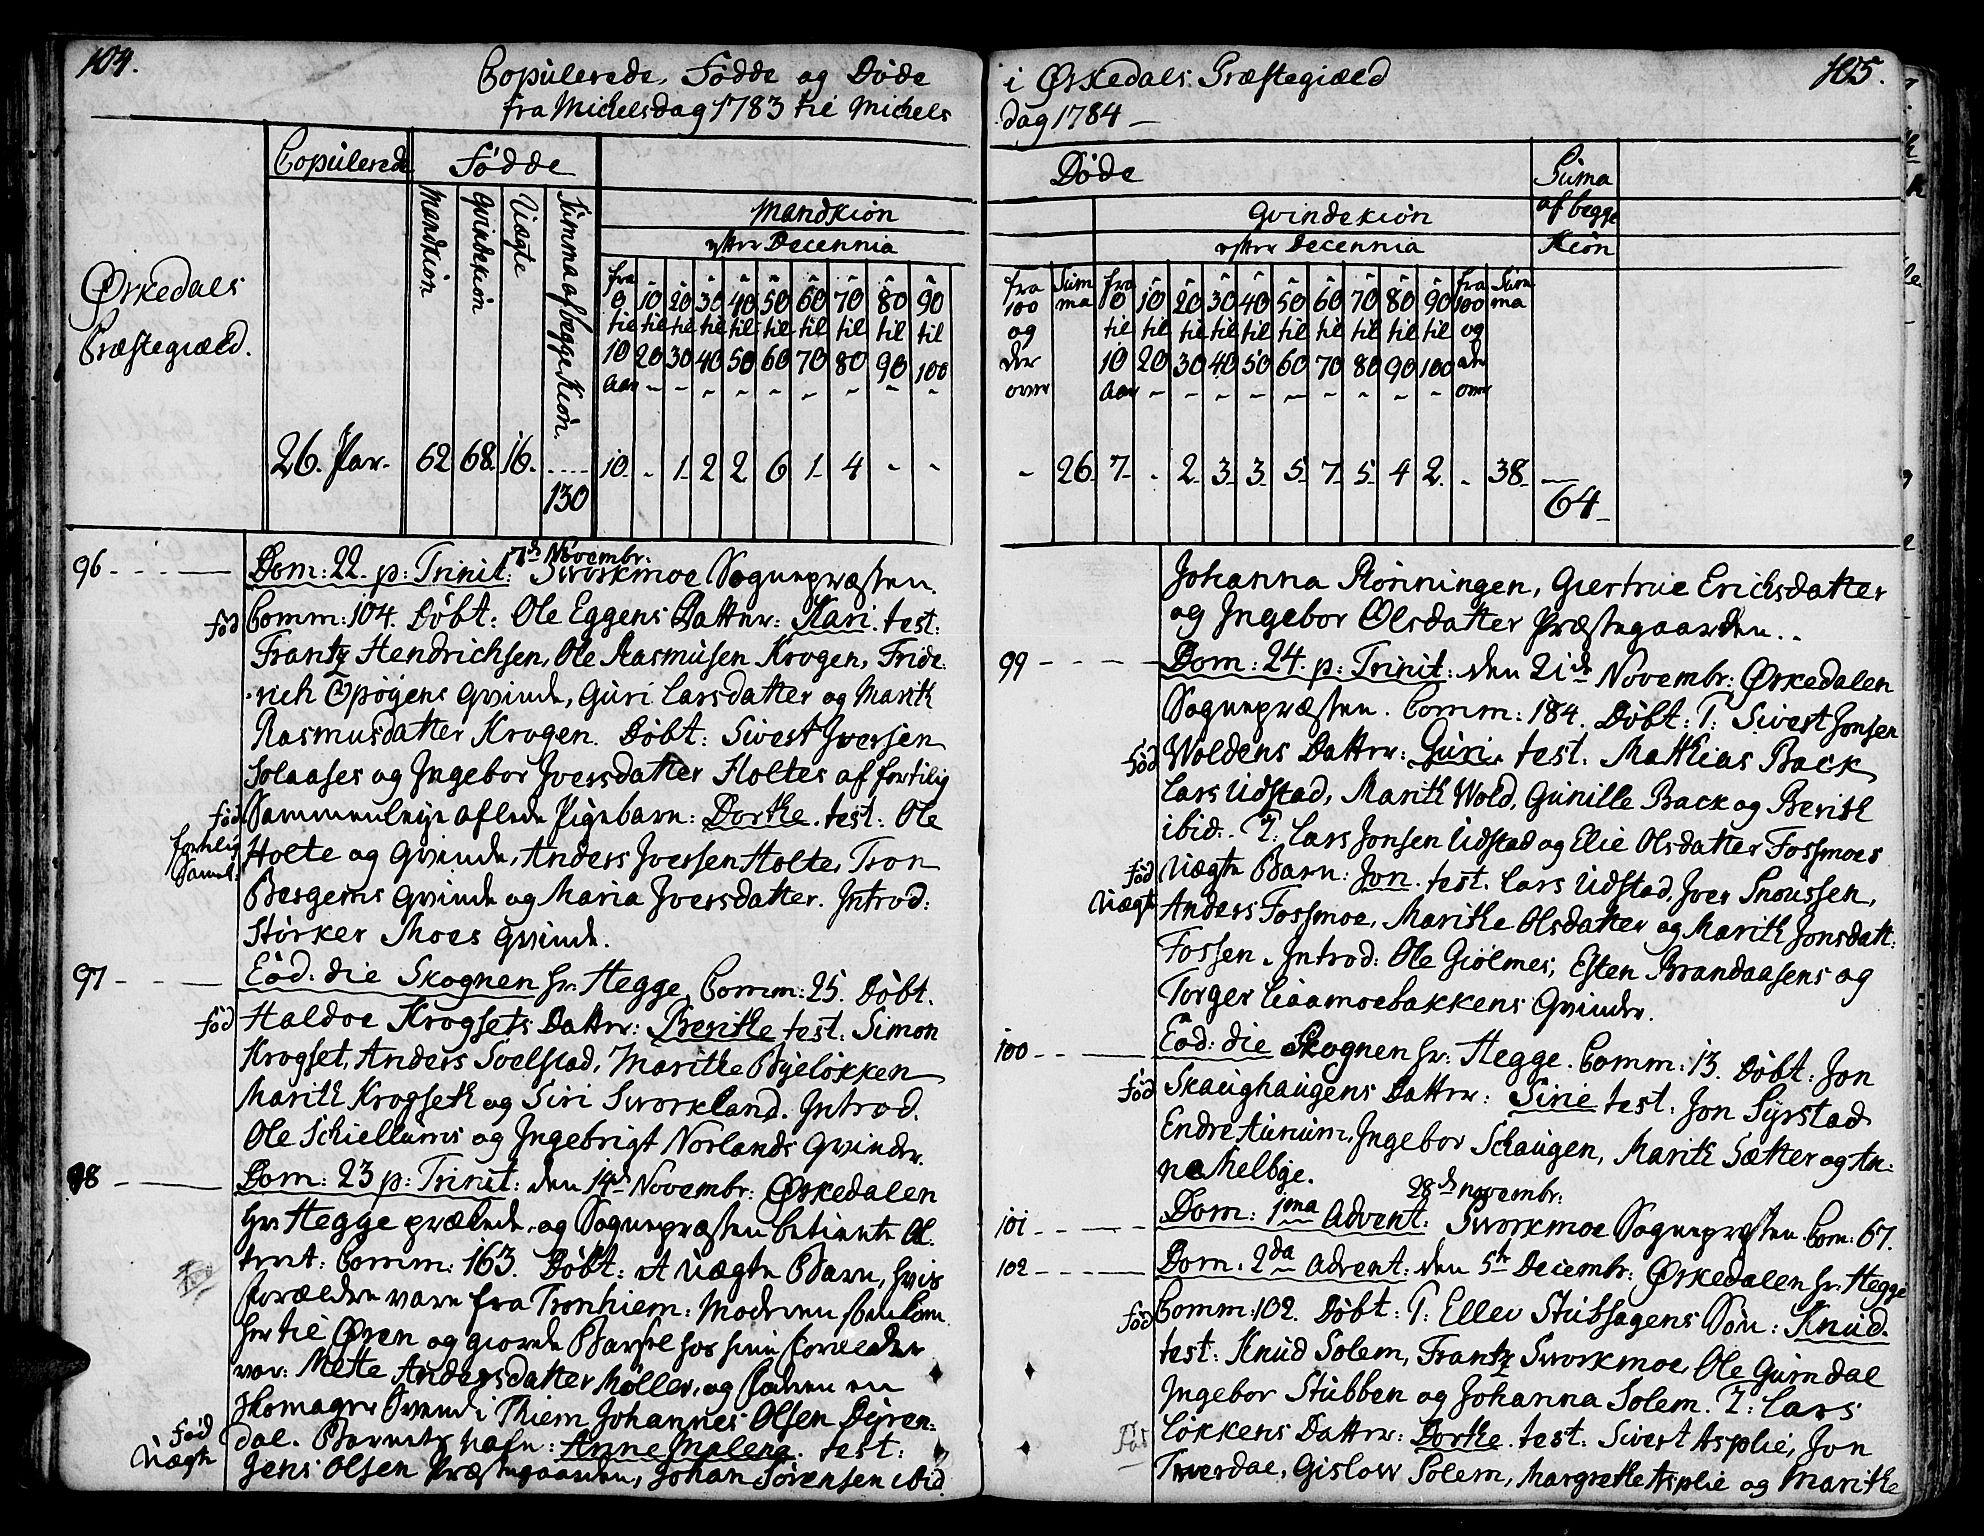 SAT, Ministerialprotokoller, klokkerbøker og fødselsregistre - Sør-Trøndelag, 668/L0802: Ministerialbok nr. 668A02, 1776-1799, s. 104-105